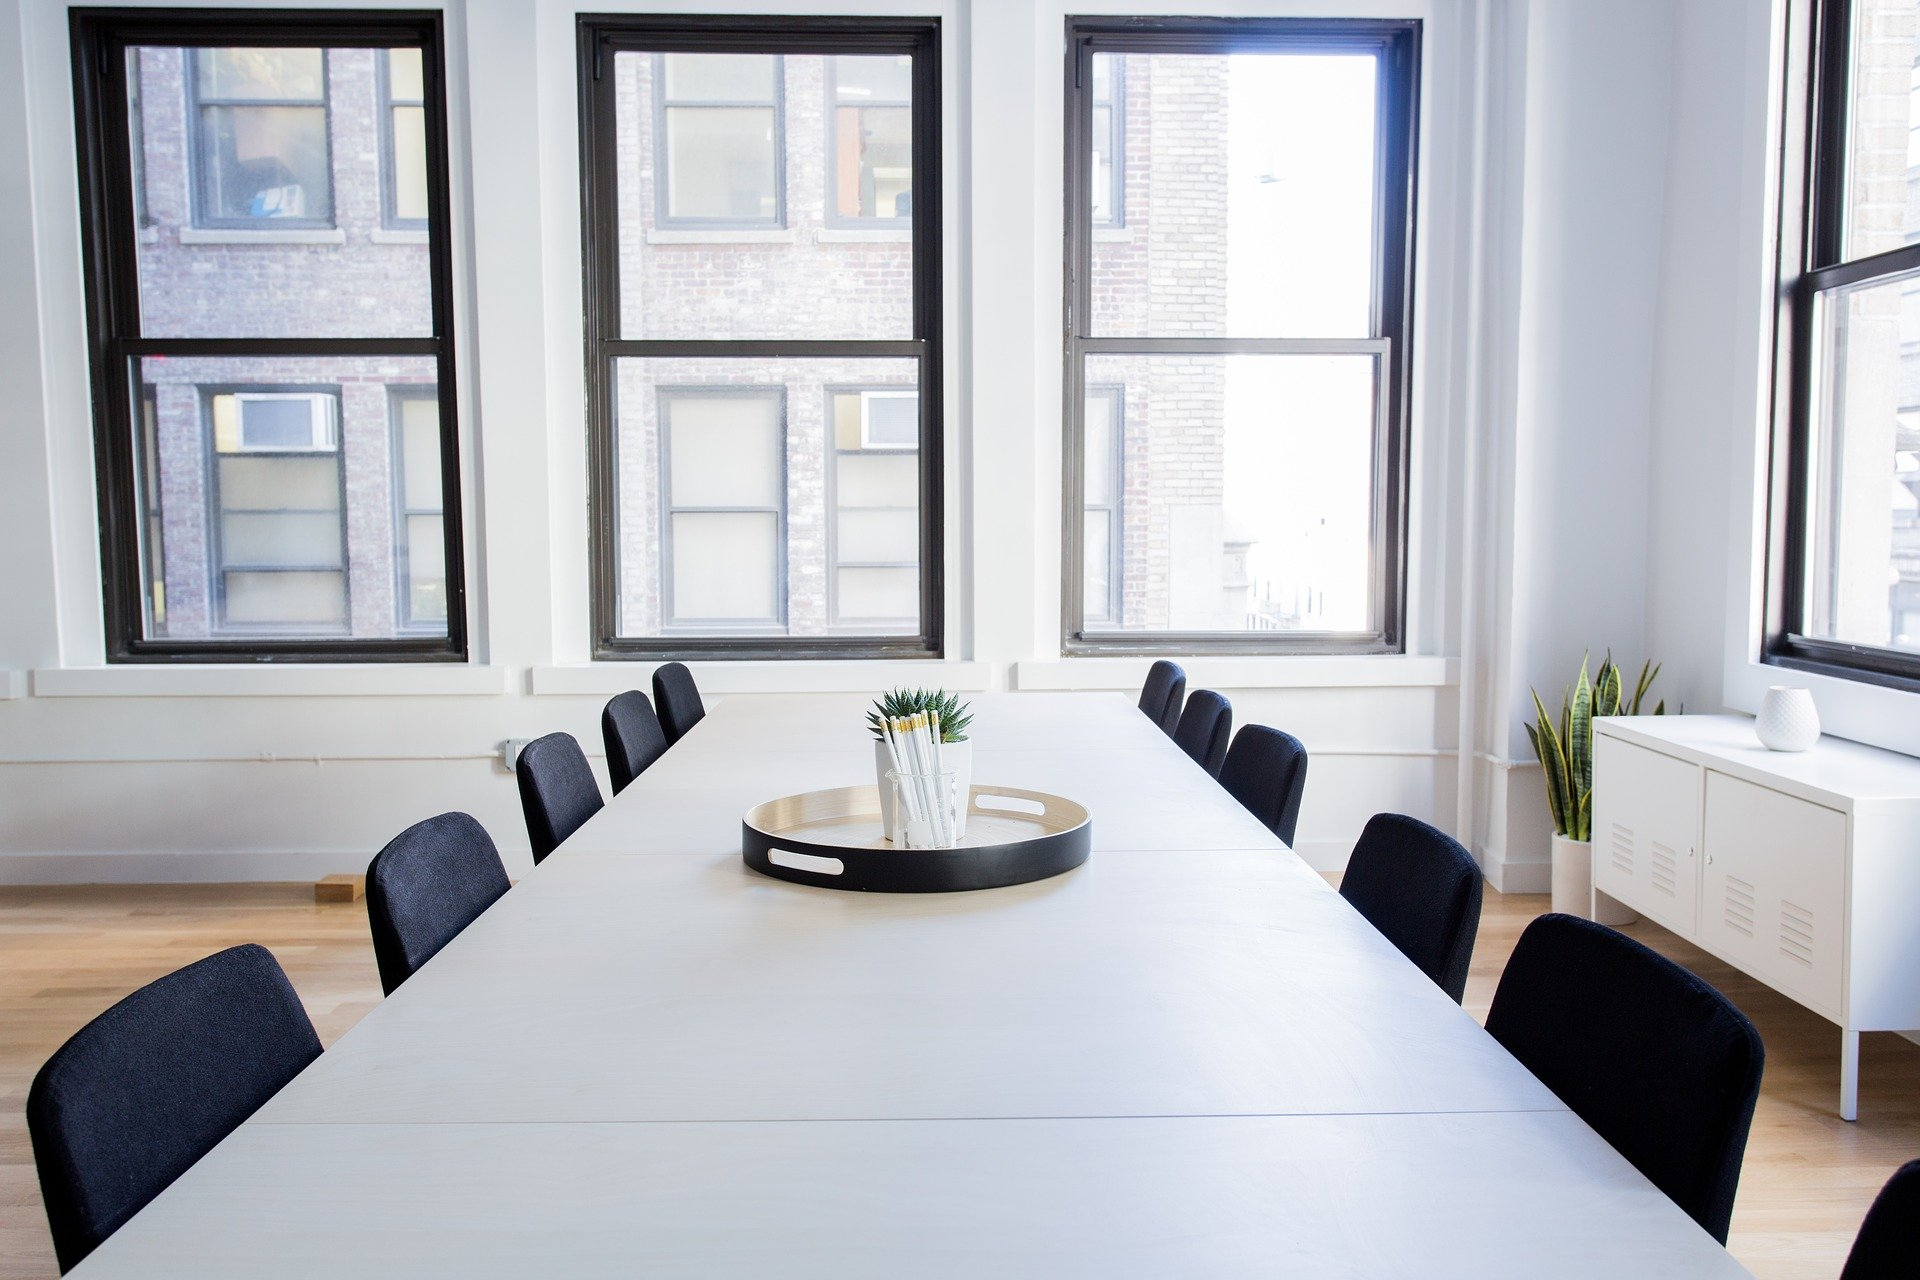 Risikomanagement in Unternehmen in Zeiten der Corona-Krise